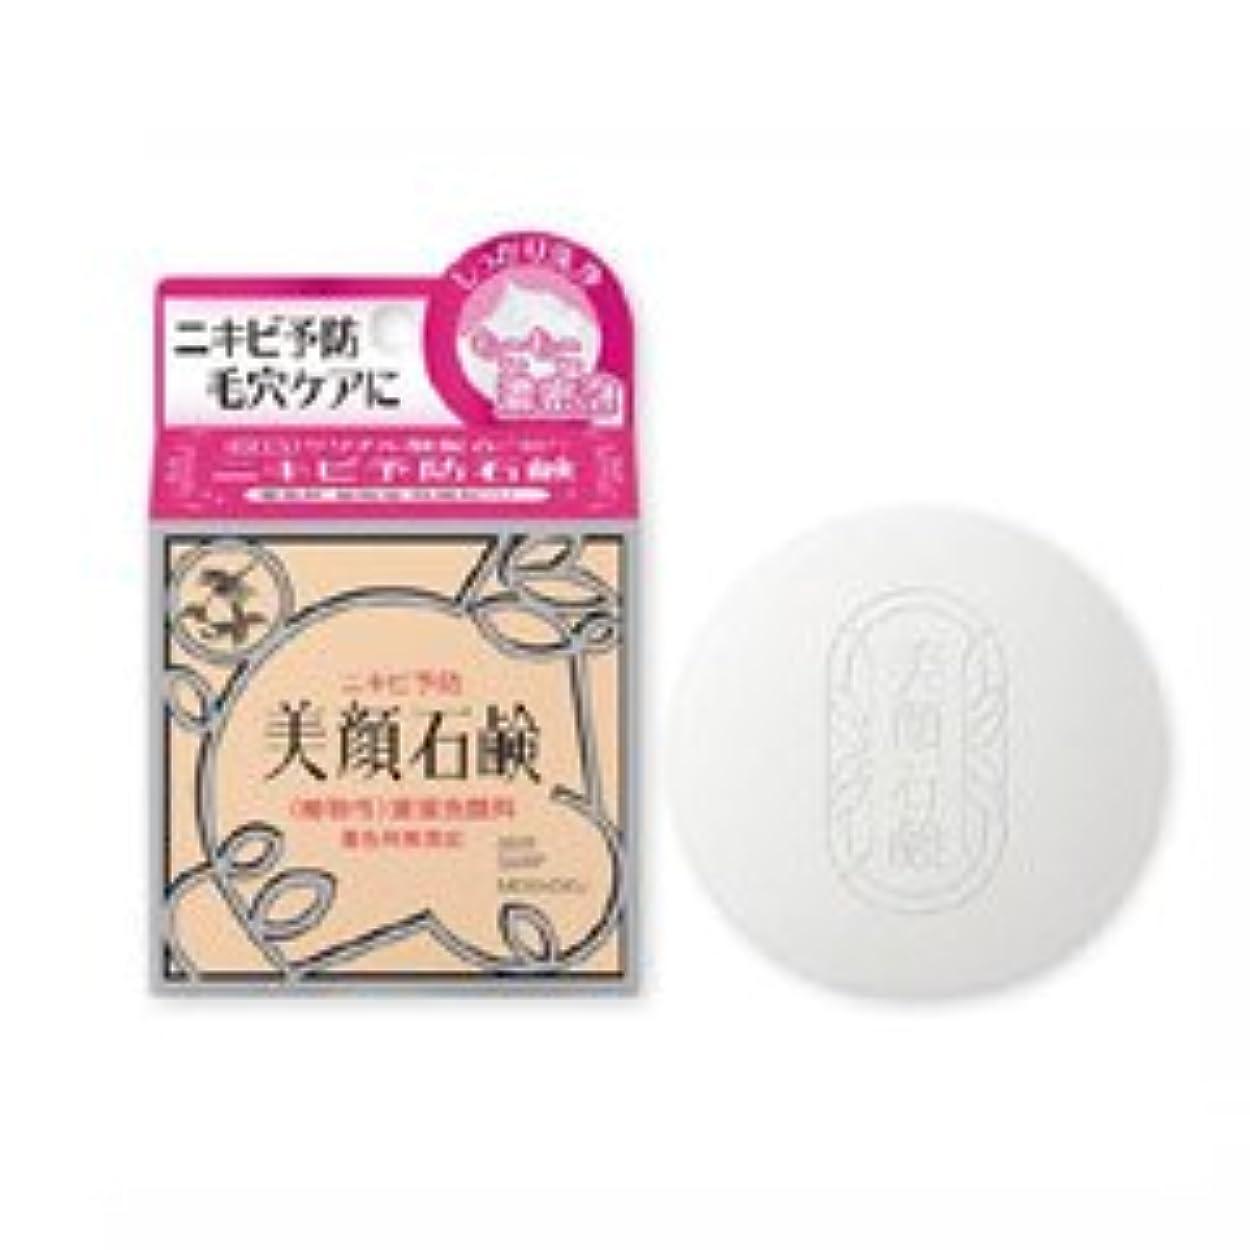 予感豊富な倫理美顔石鹸 80g 【明色】